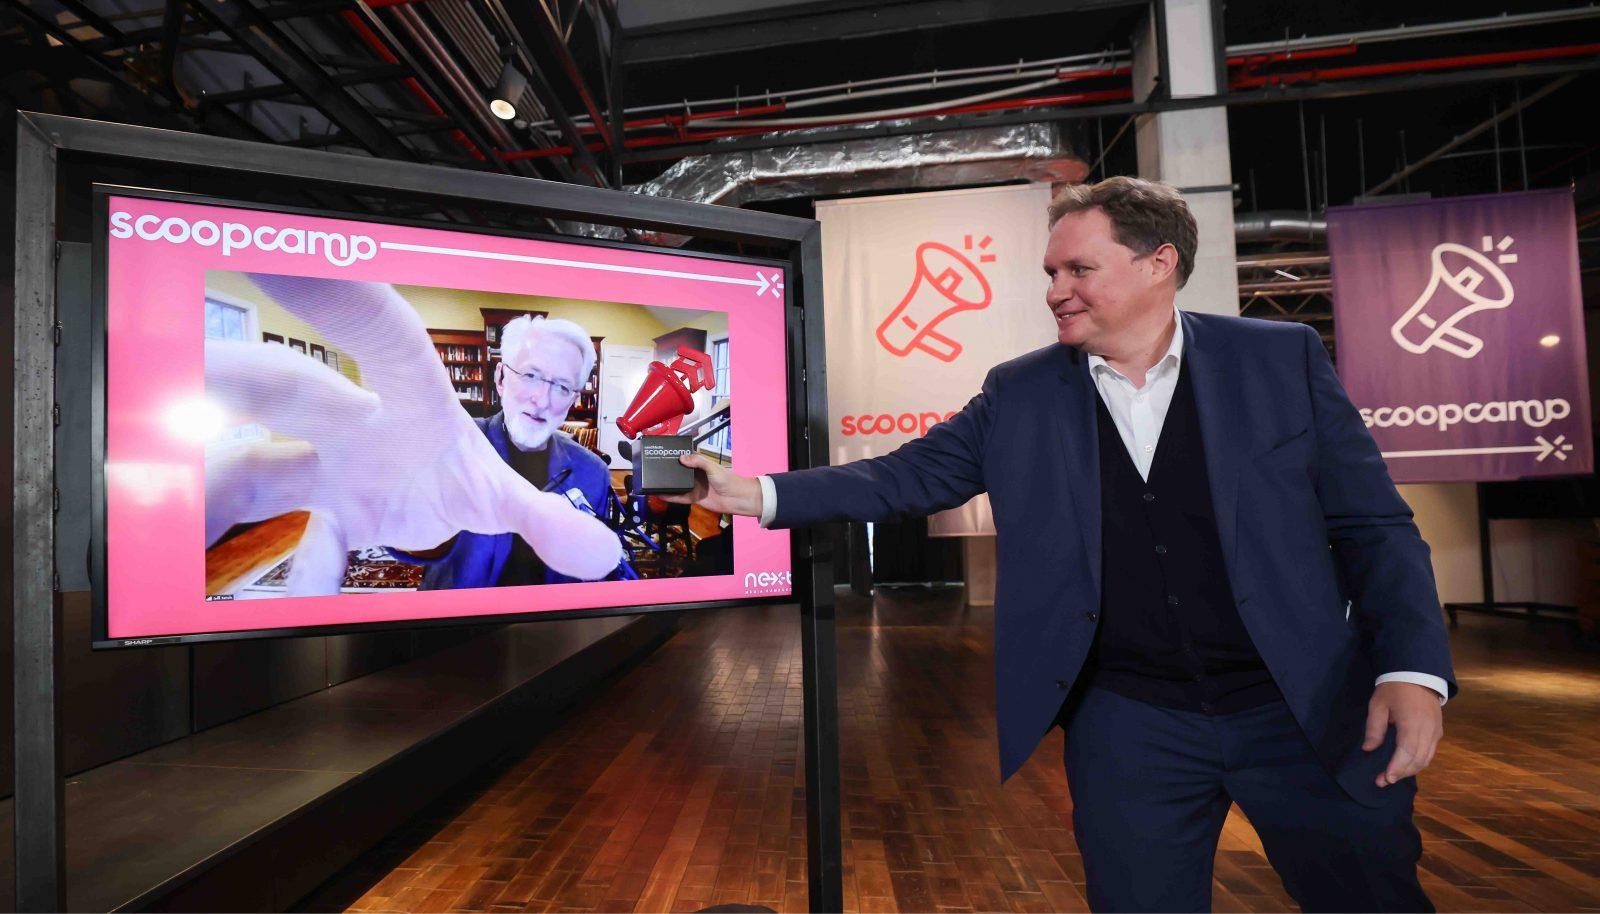 Jeff Jarvis (links) wurde beim scoopcamp 2020 digital zugeschaltet. Dr. Carsten Brosda (rechts) hielt die Laudatio auf ihn